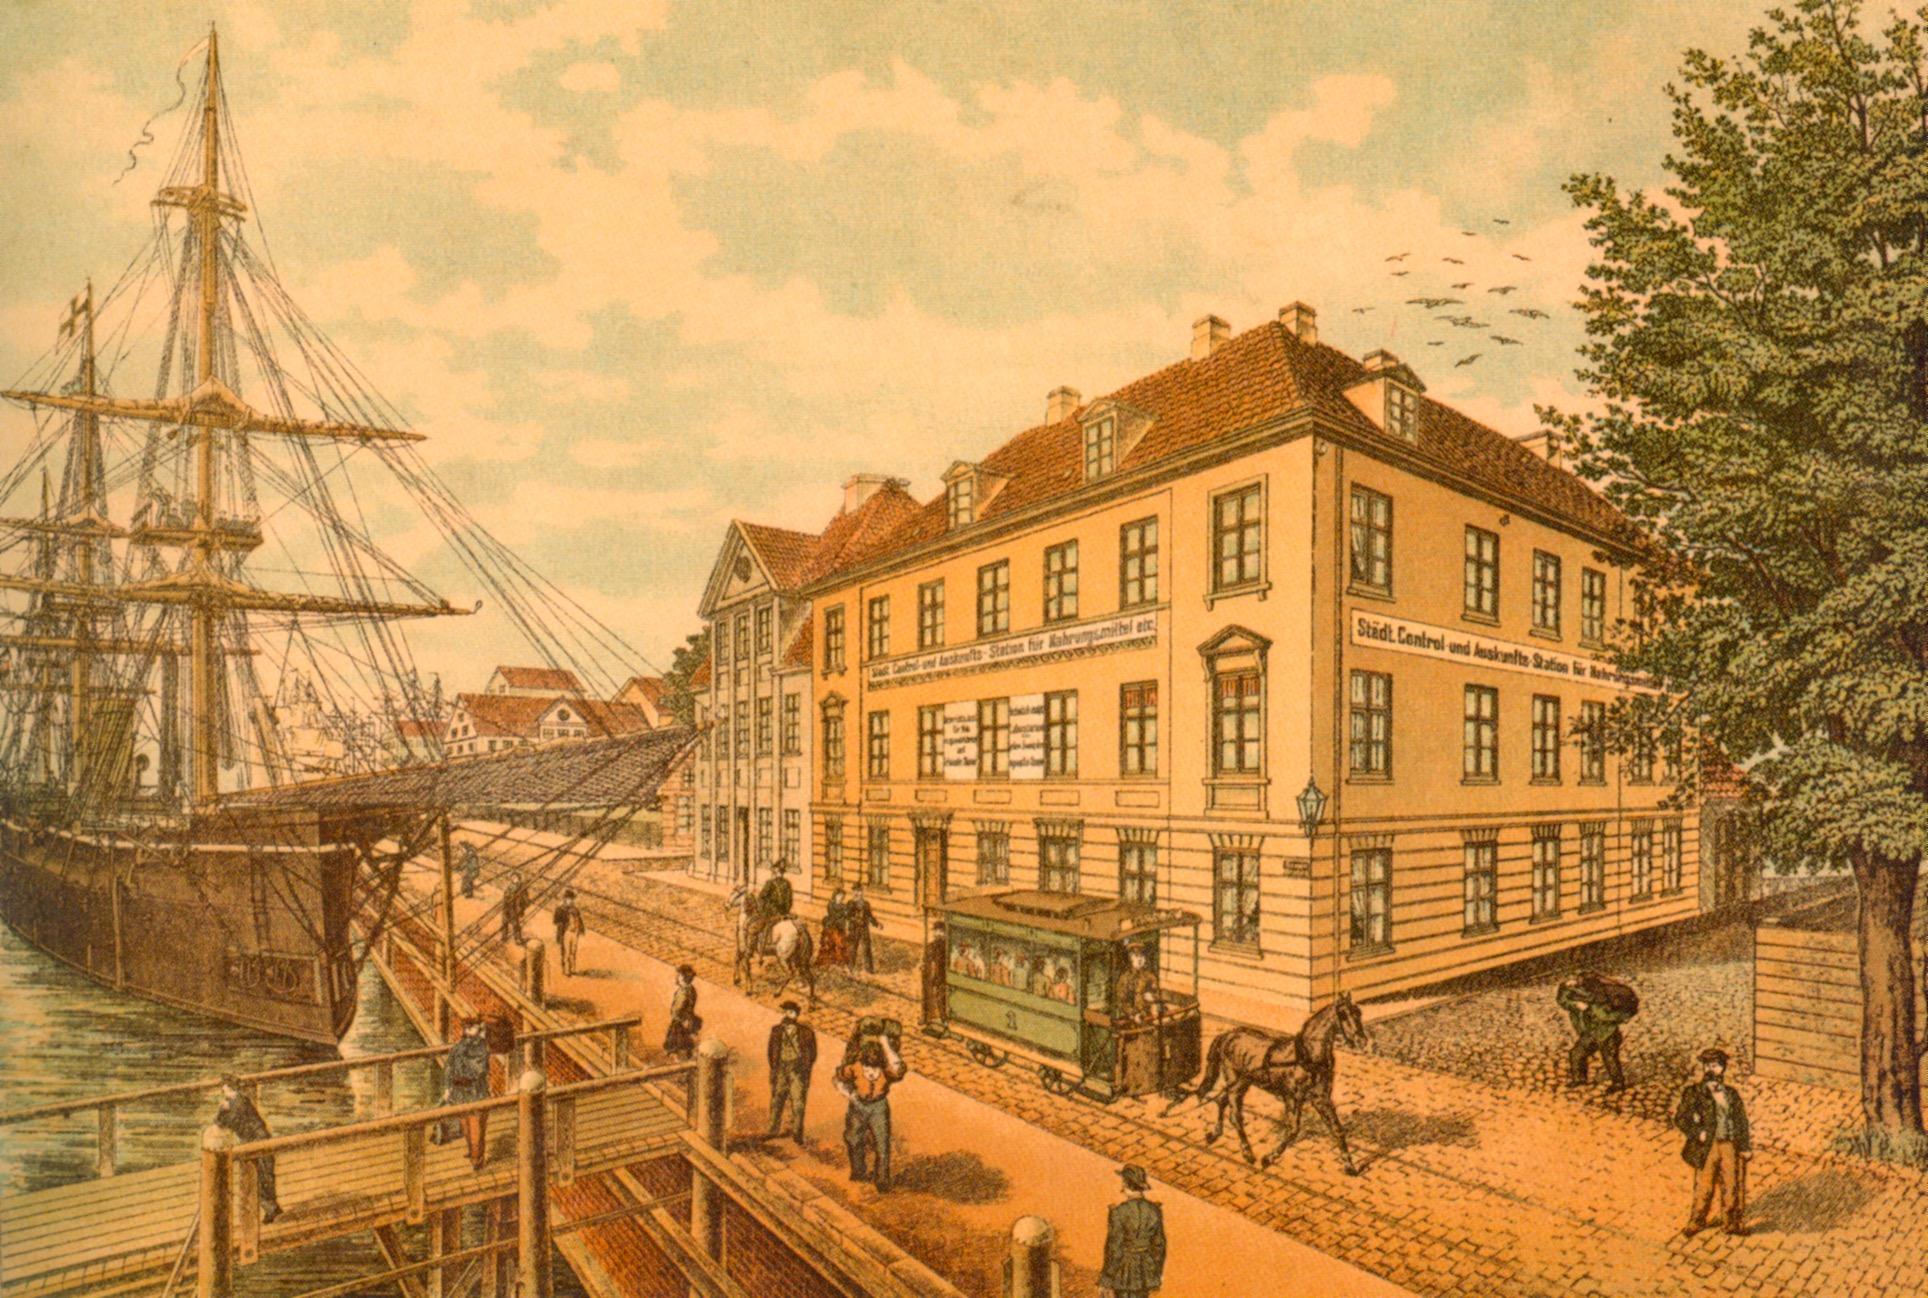 """Die Kieler Damenstraße: Noch sind Segelschiffe und Pferdebahn im Einsatz doch im Eckhaus ist die """"Städt. Central- & Auskunftsstation für Nahrungsmittel etc."""" untergebracht"""